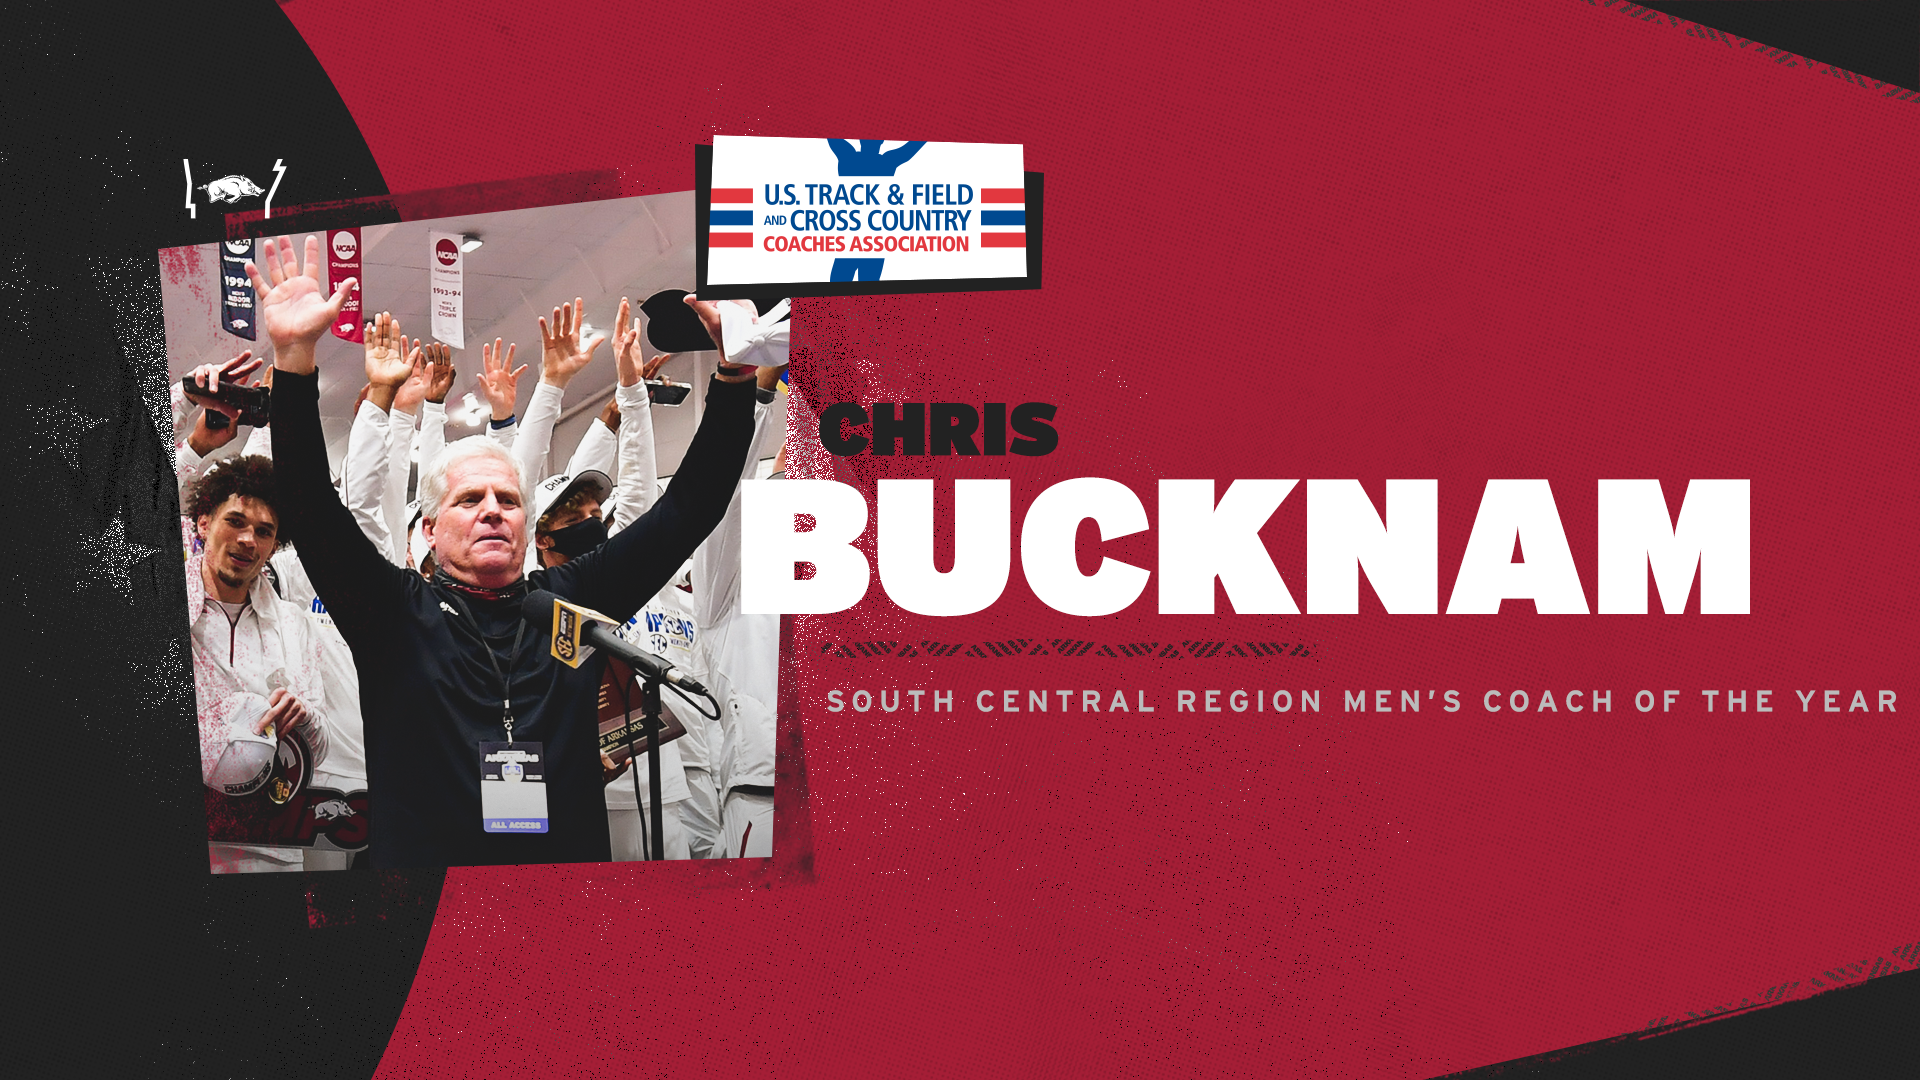 Bucknam garners South Central Region Coach of the Year